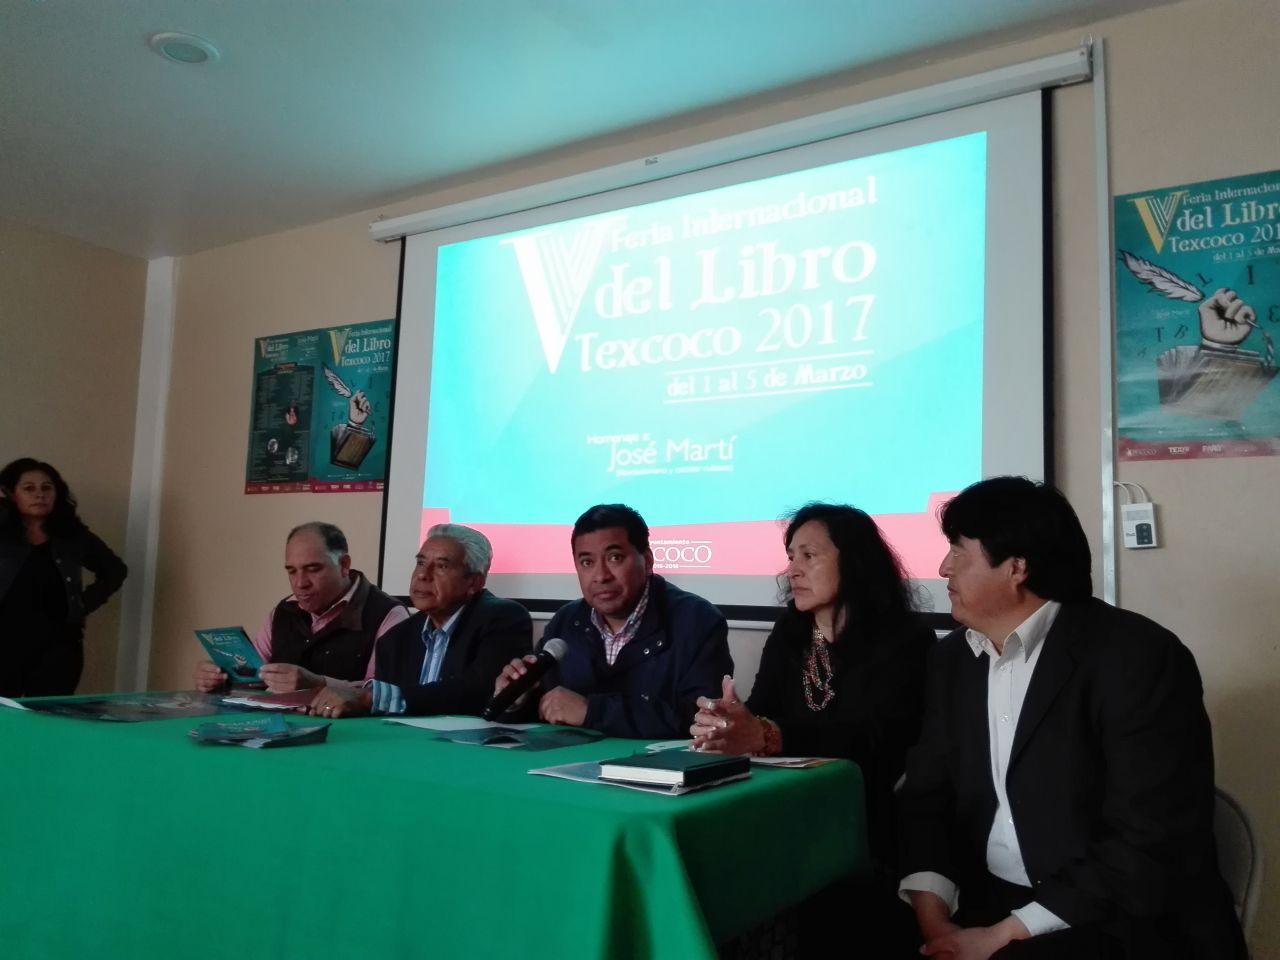 Este miércoles inicia V Feria Internacional del Libro Texcoco 2017